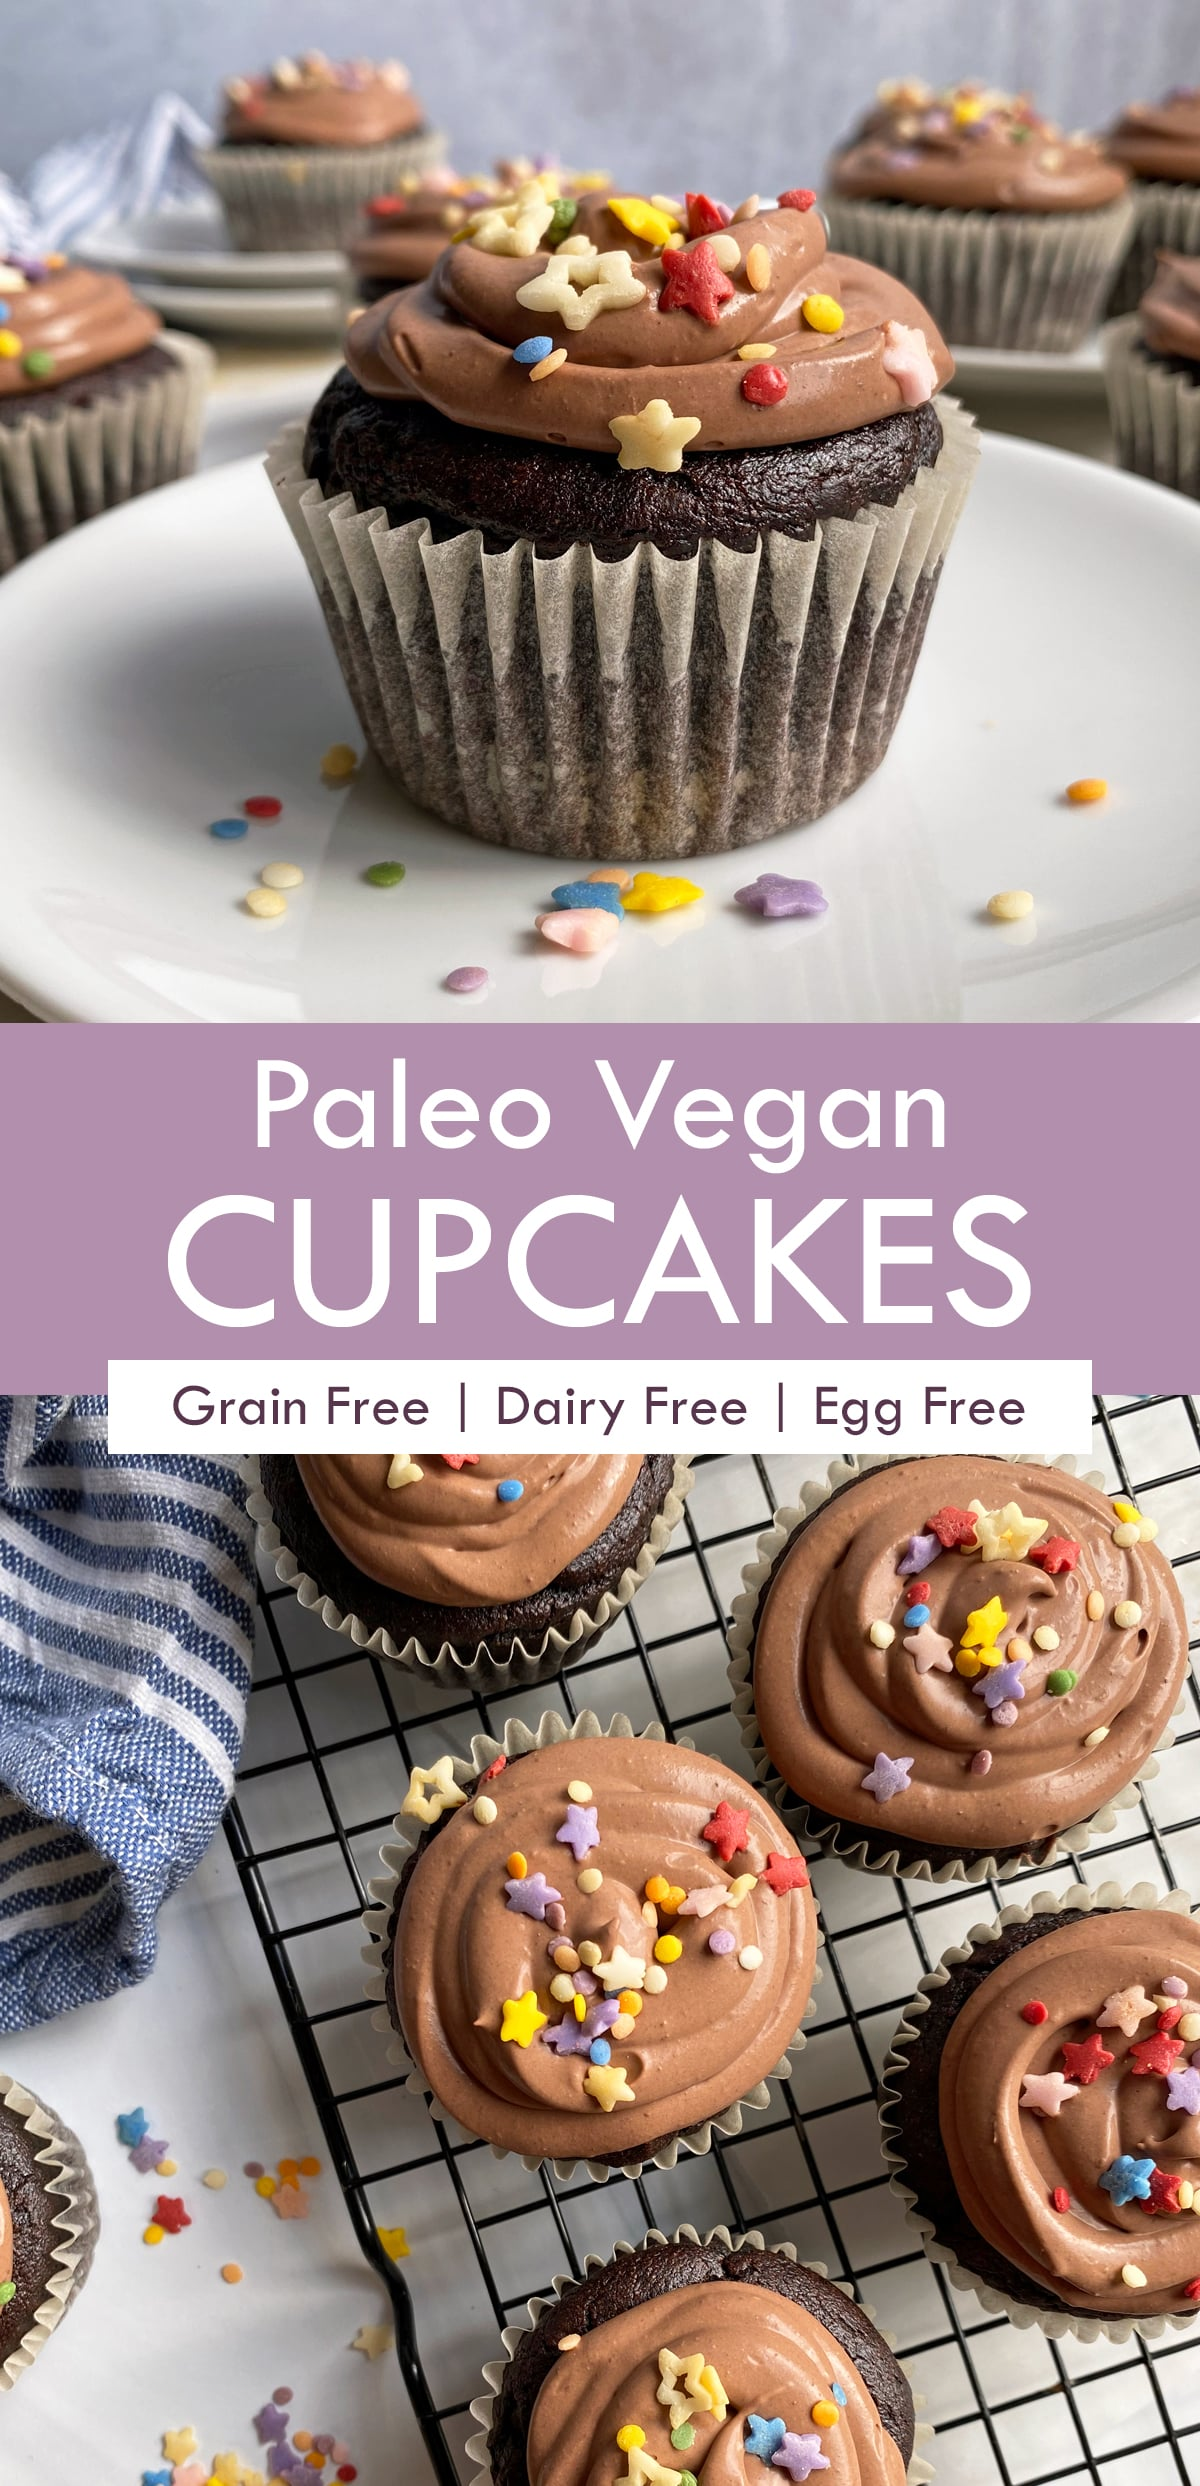 paleo-vegan-cupcake-recipe-pinterest-image